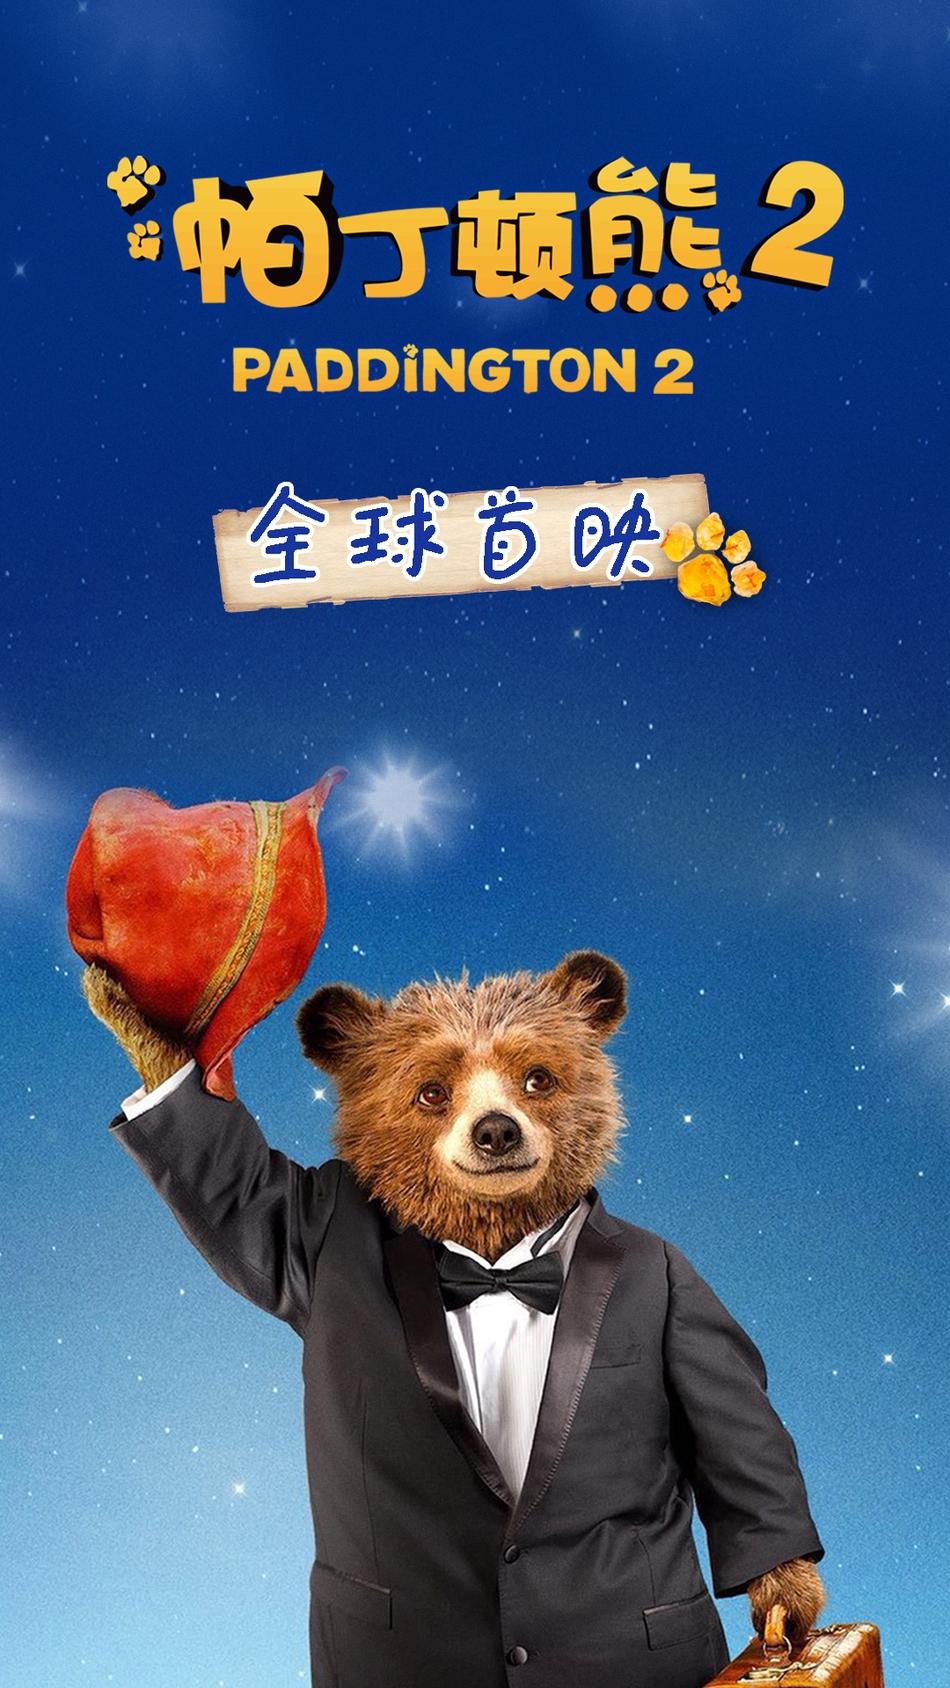 《帕丁顿熊2》全球首映海报